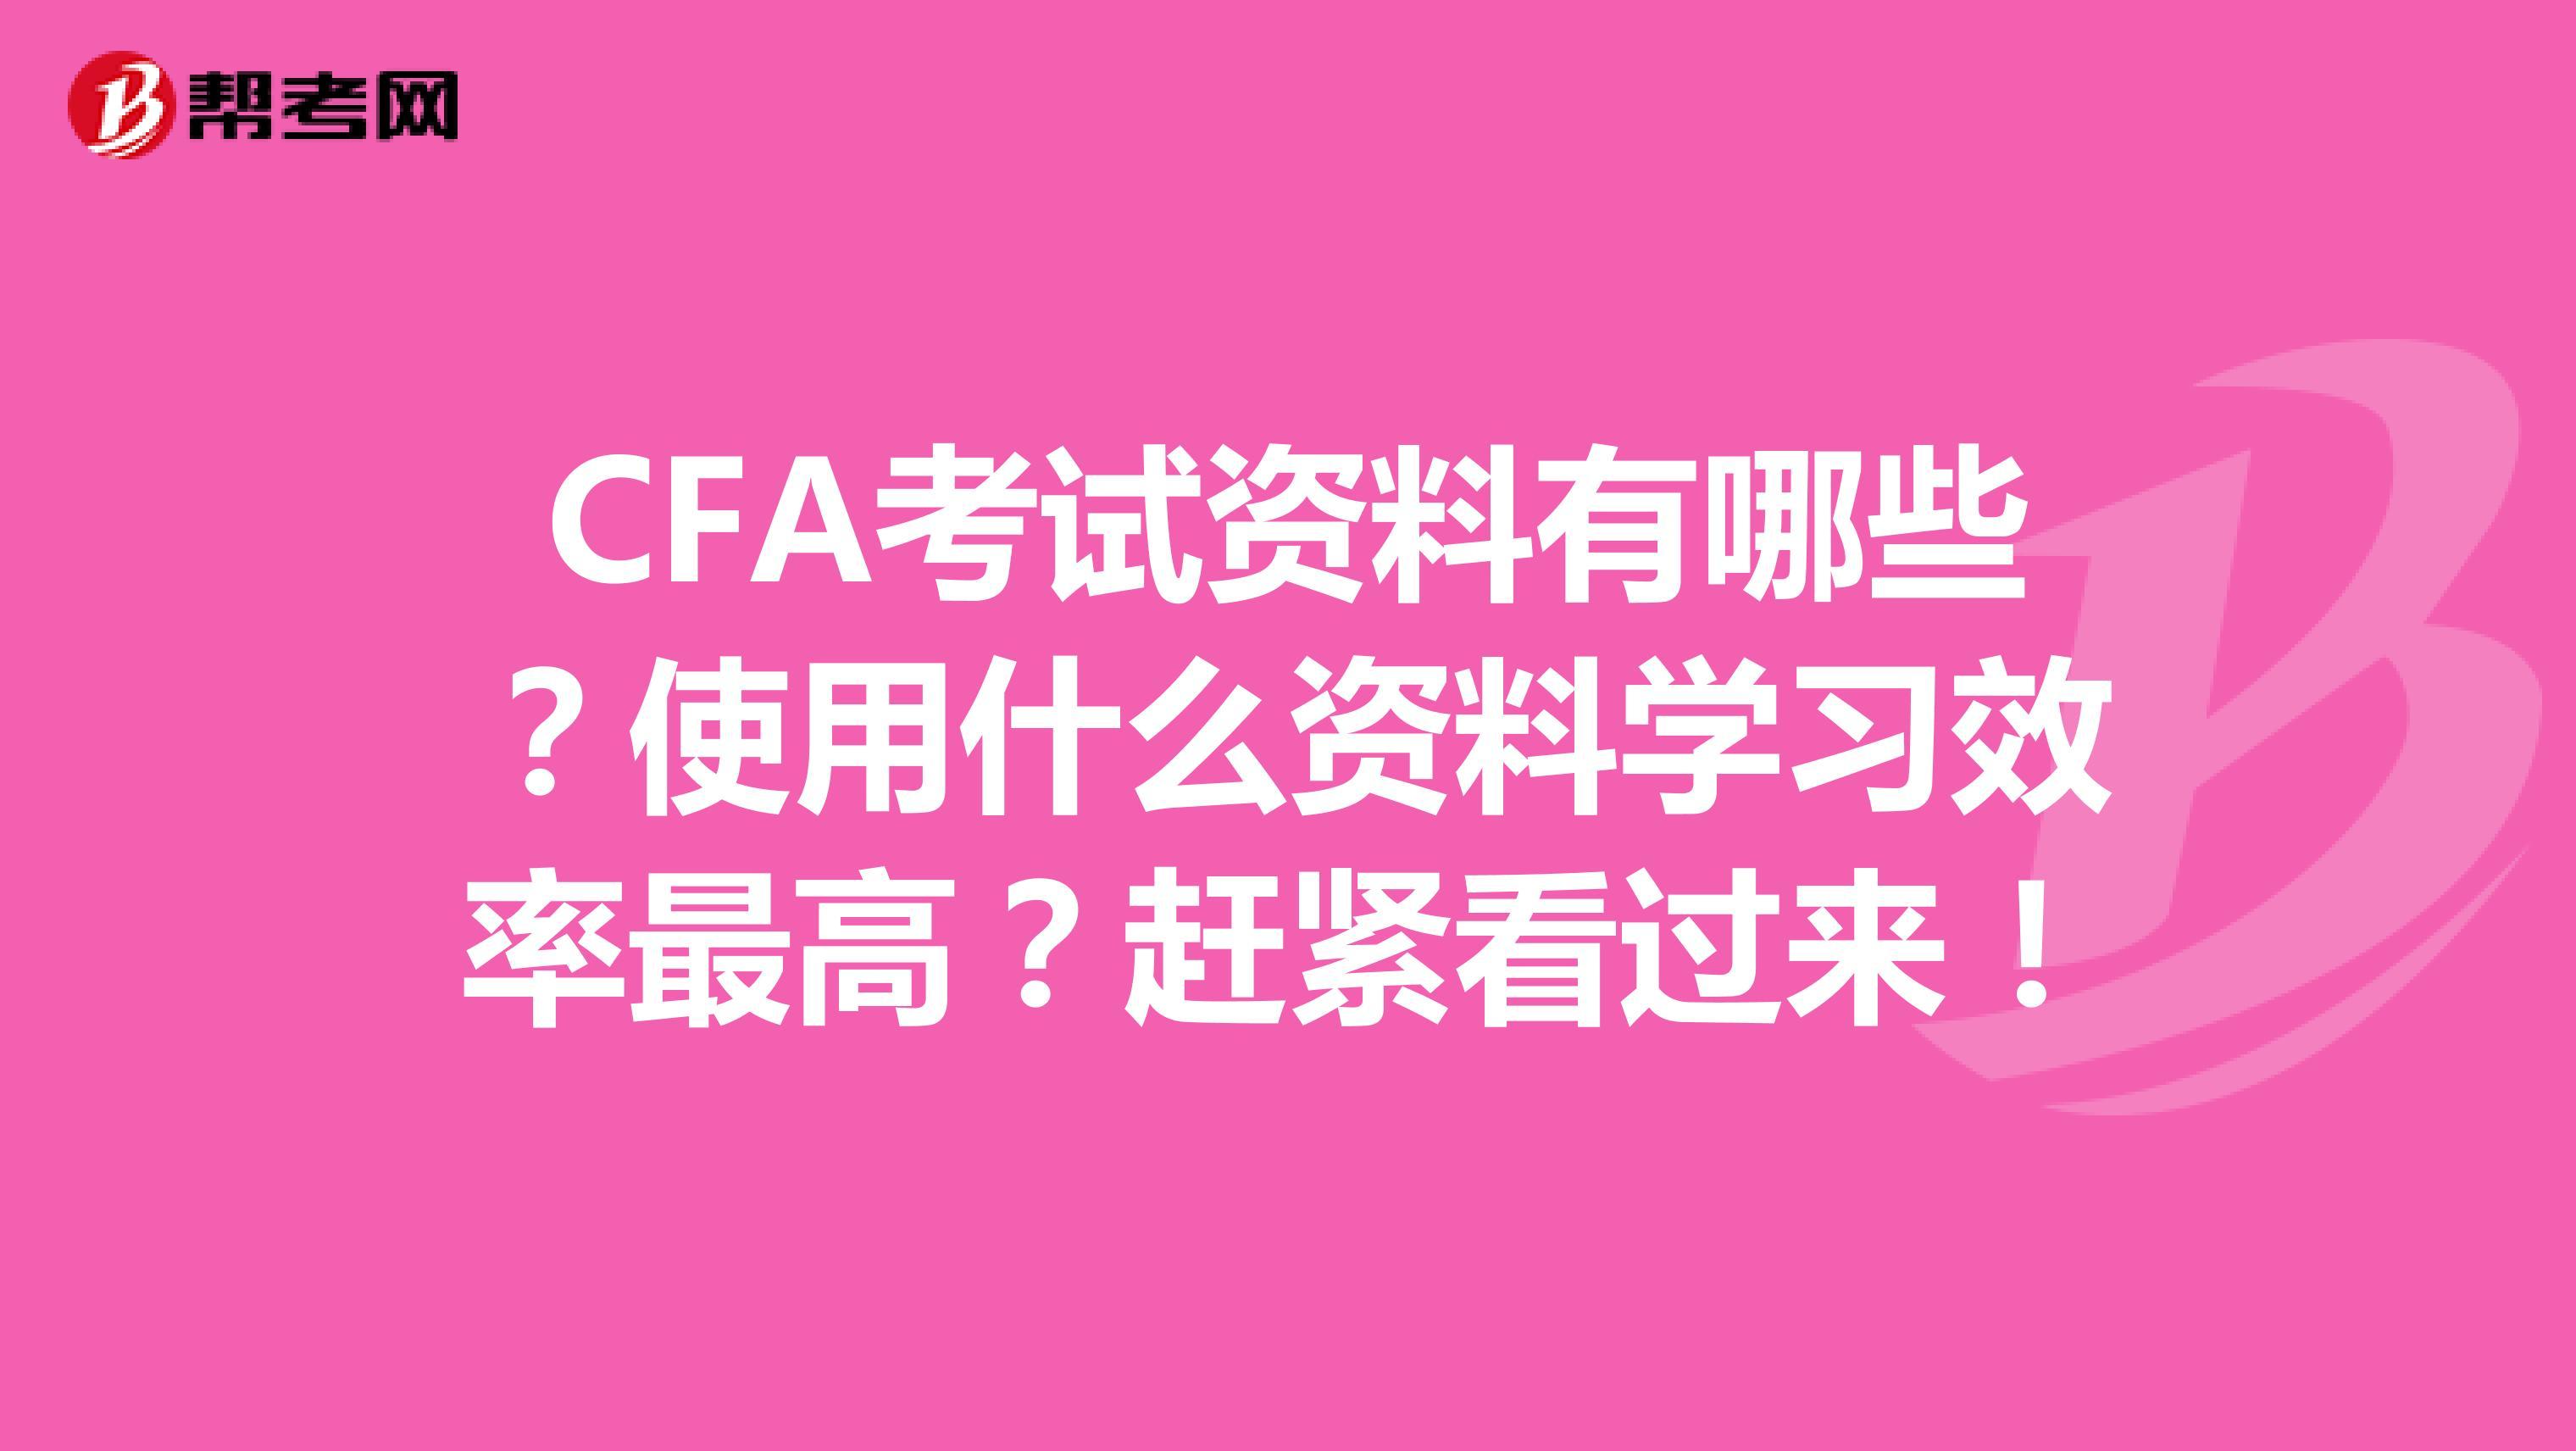 CFA考试资料有哪些?使用什么资料学习效率最高?赶紧看过来!